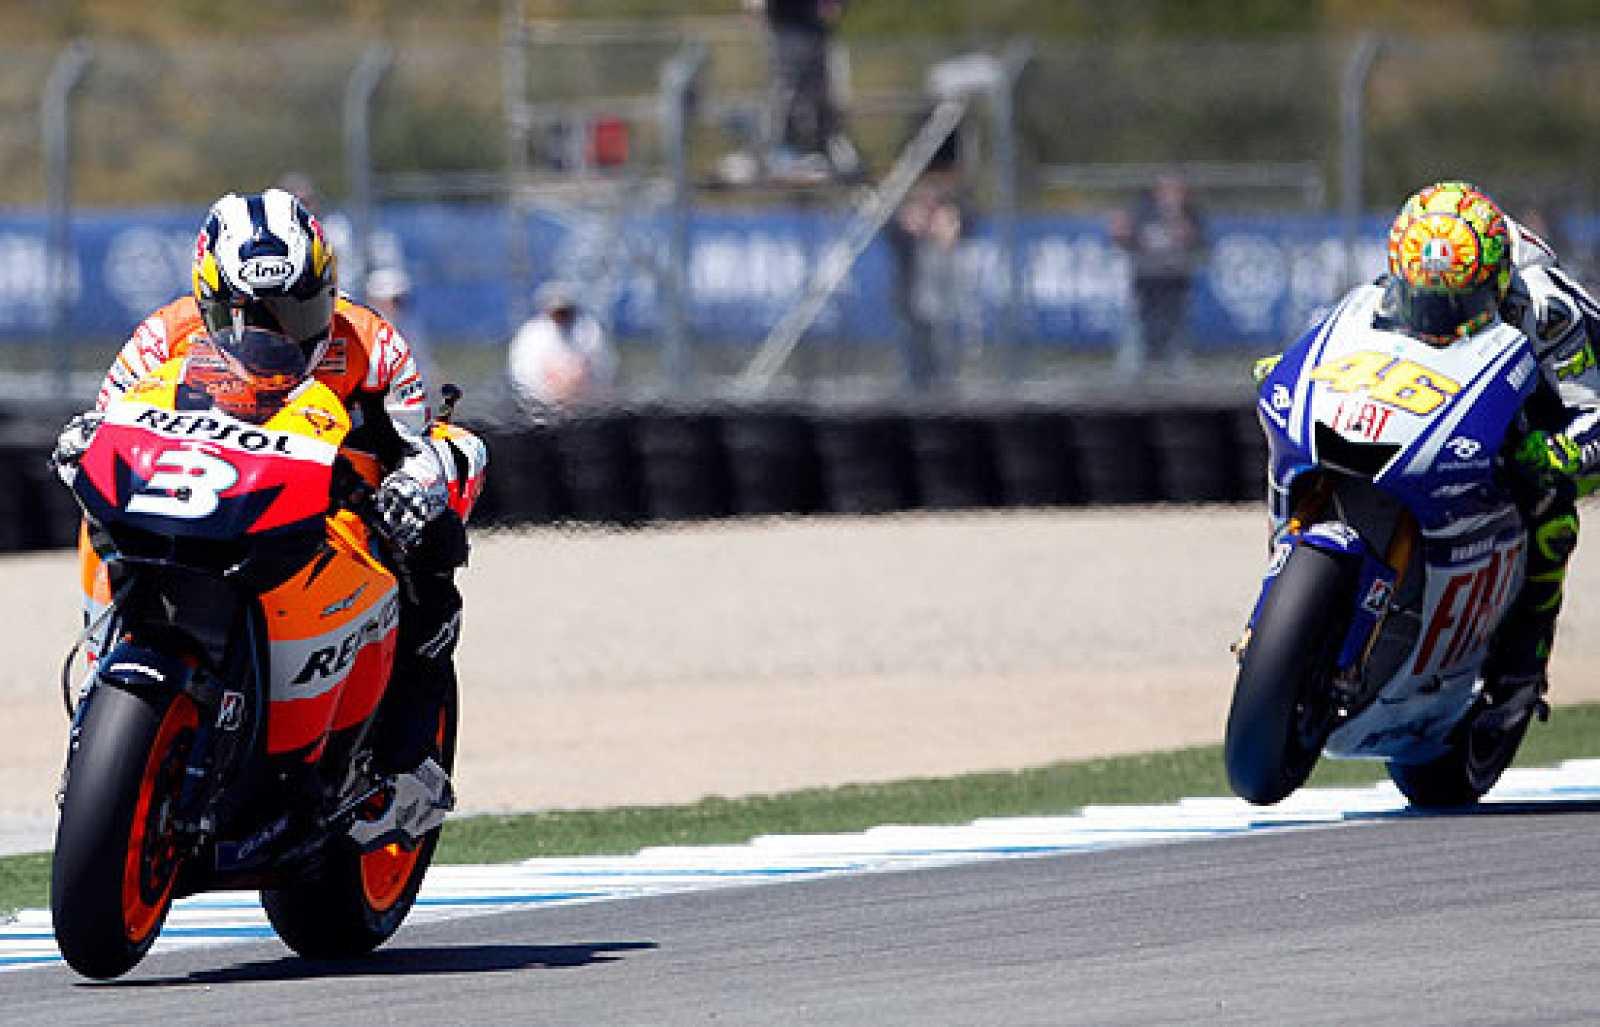 Mejores momentos de la carrera de MotoGP de Laguna Seca.